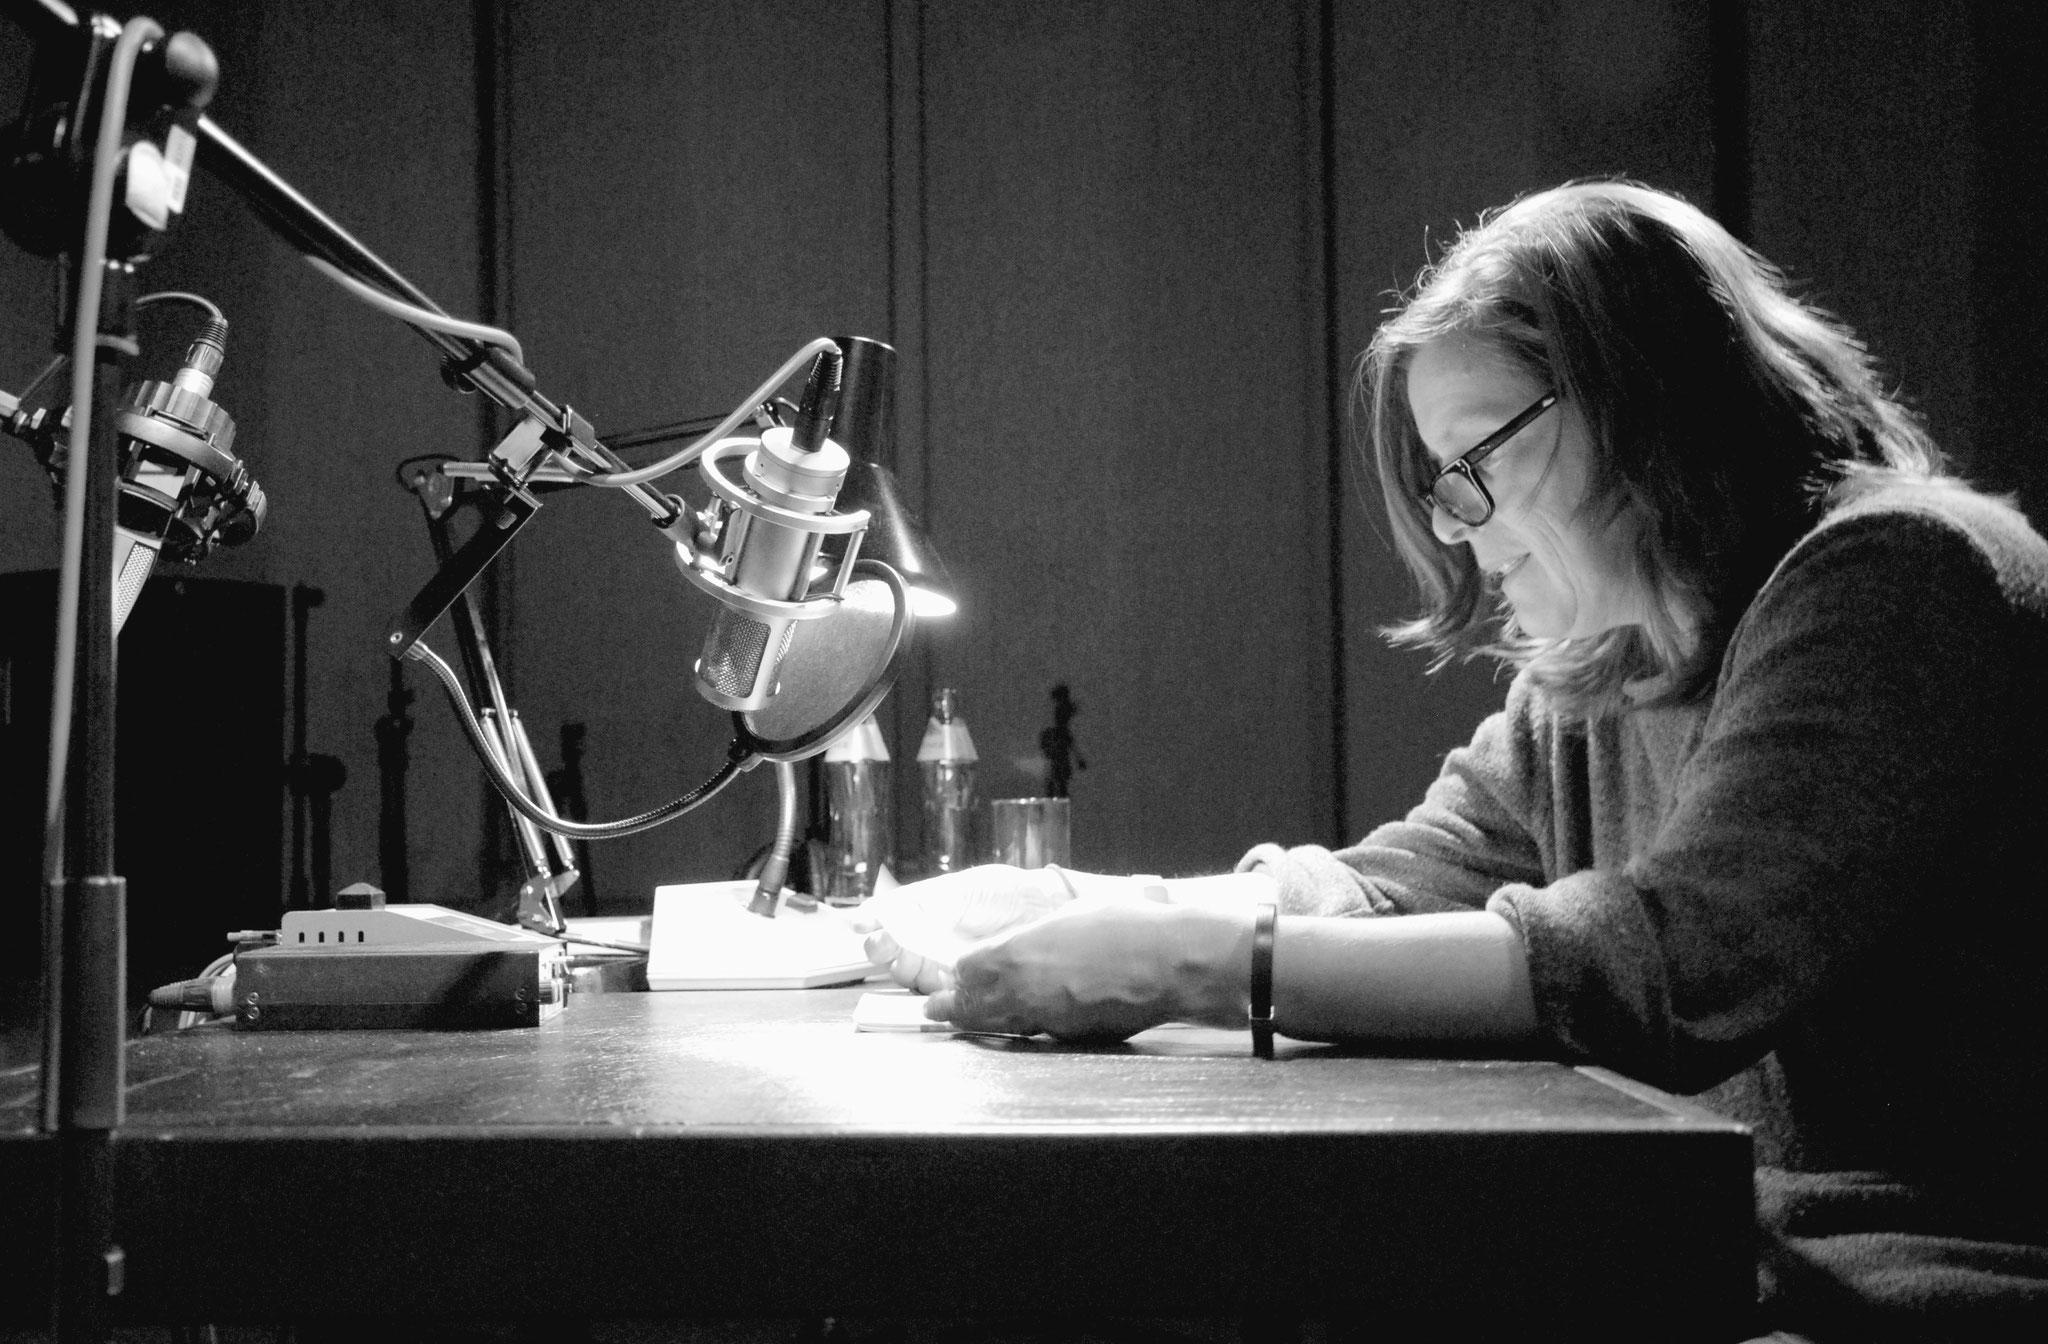 Die Dichterin Barbara Köhler ist im Alter von 61 Jahren gestorben. © Christiane Zintzen